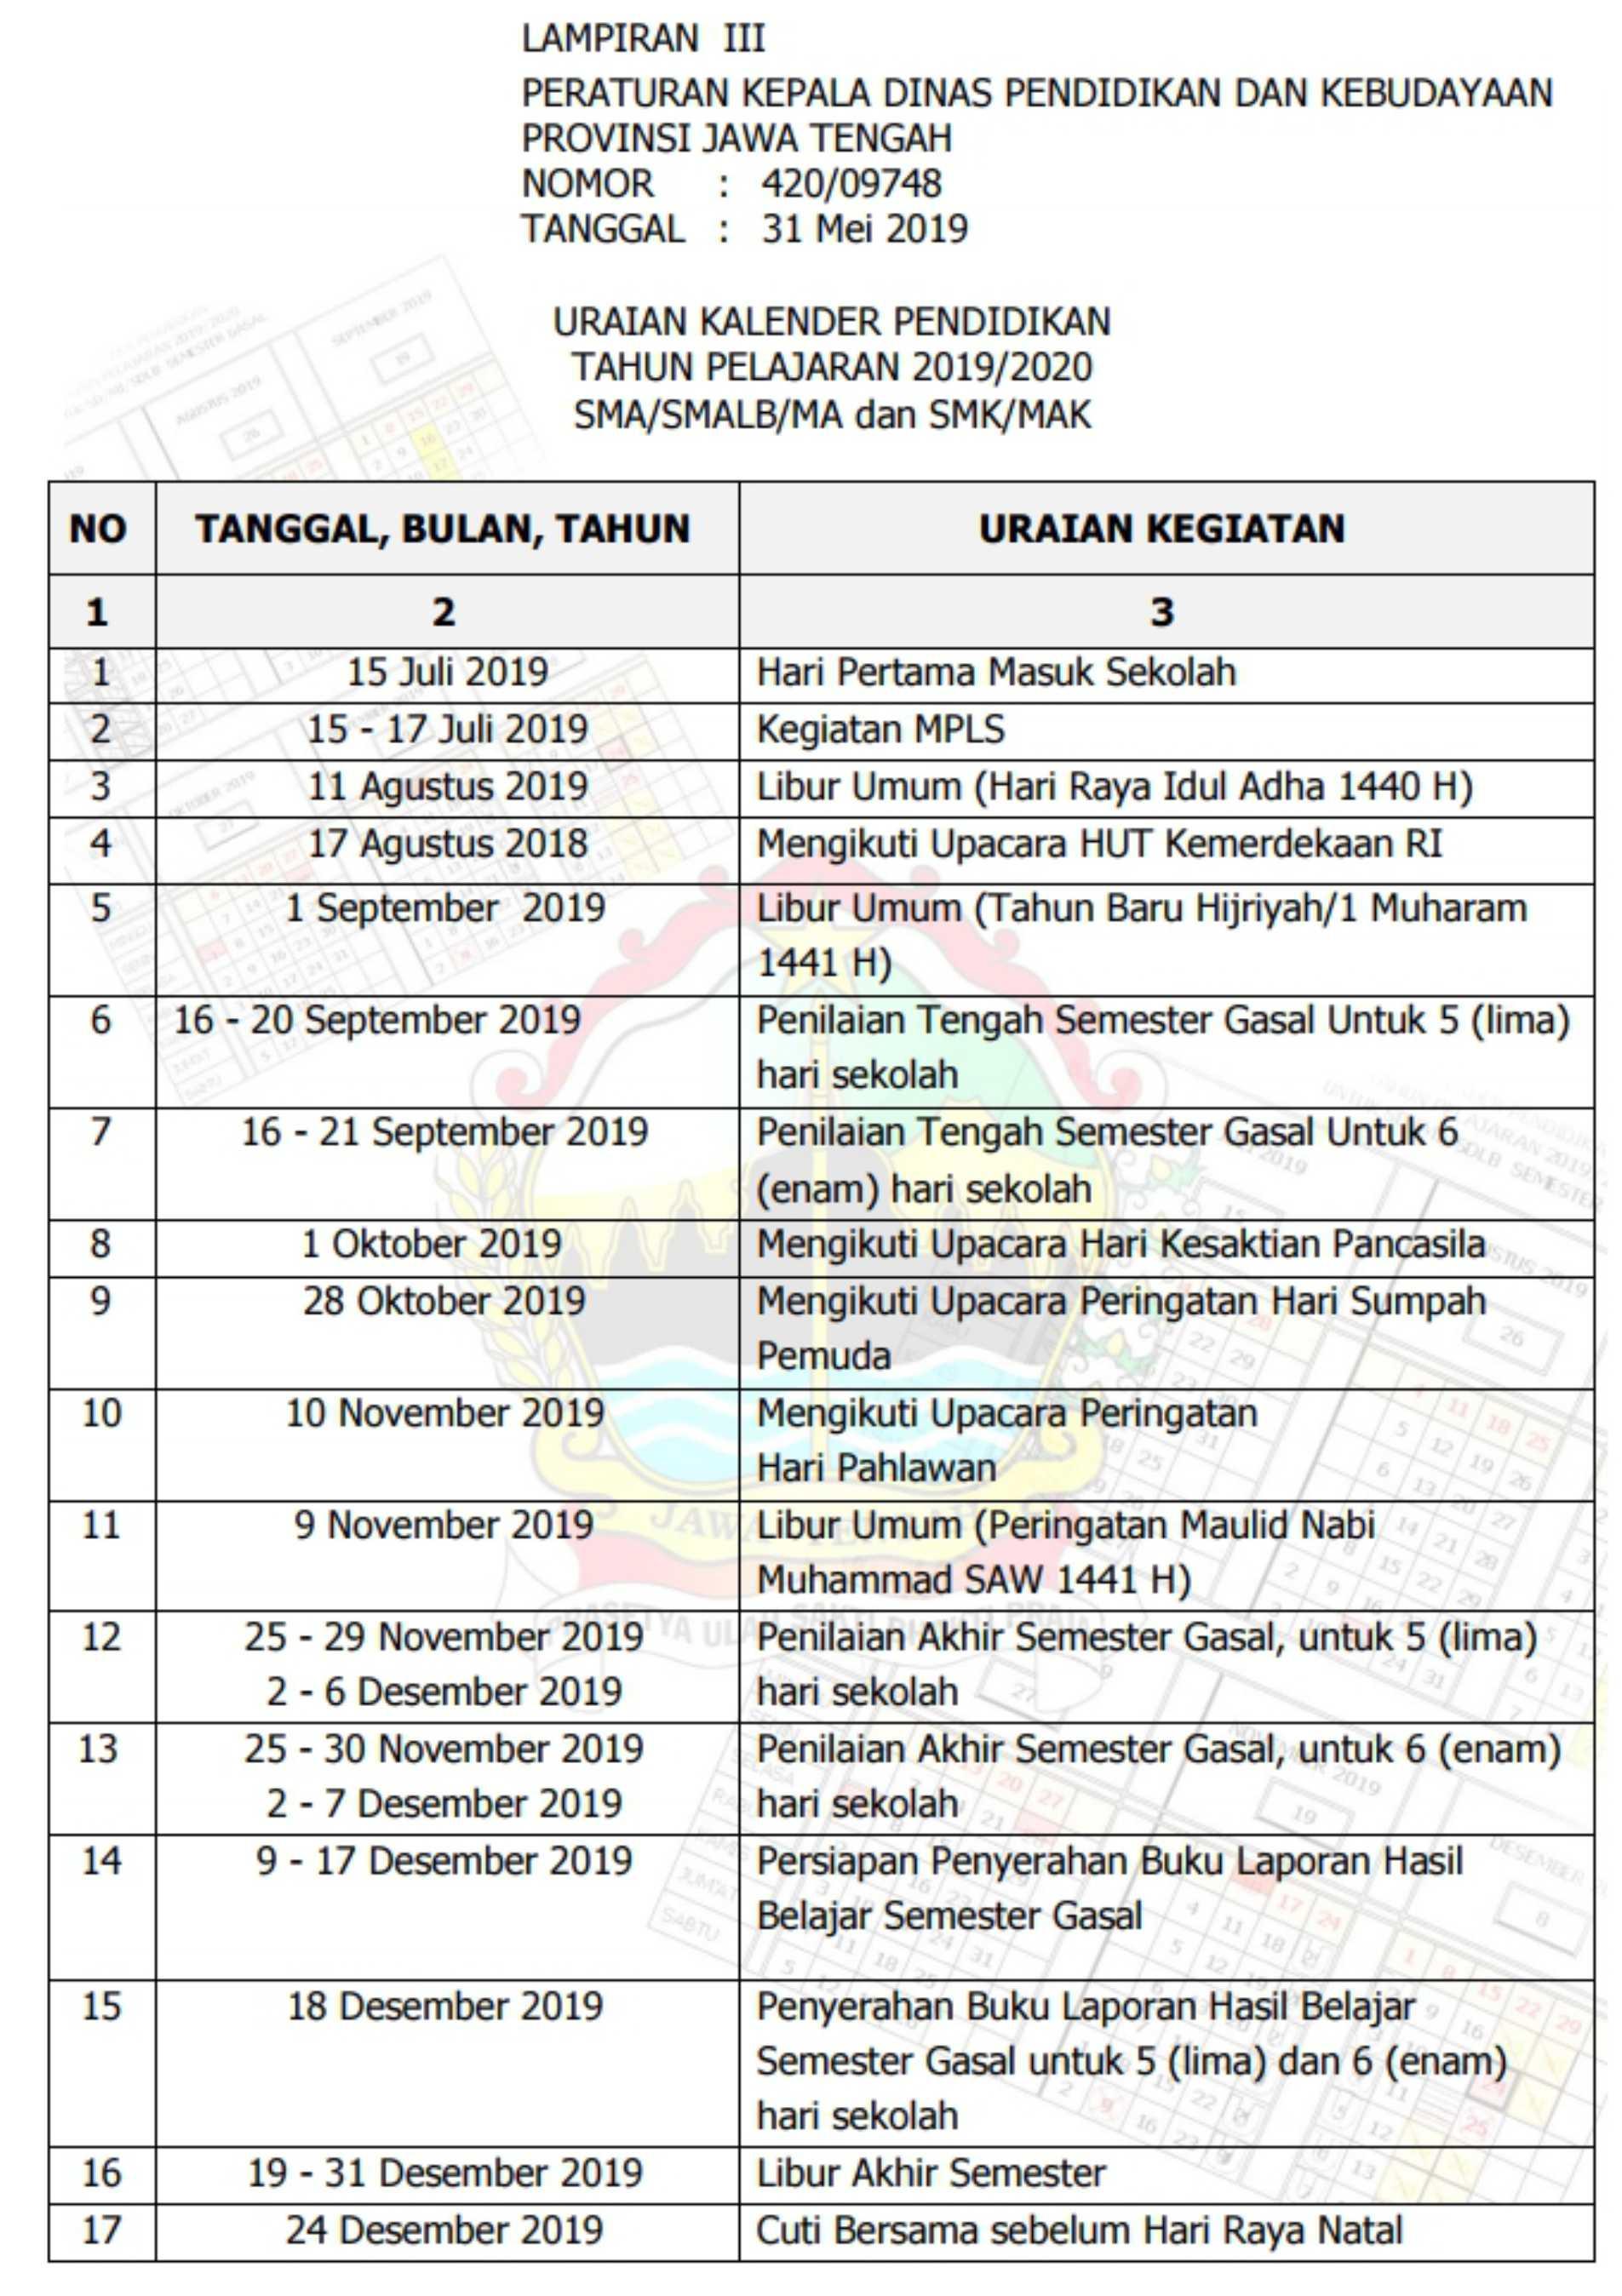 uraian kalender pendidikan tahun pelajaran 2019 - 2020 SMA SMALB MA SMK MAK provinsi jawa tengah